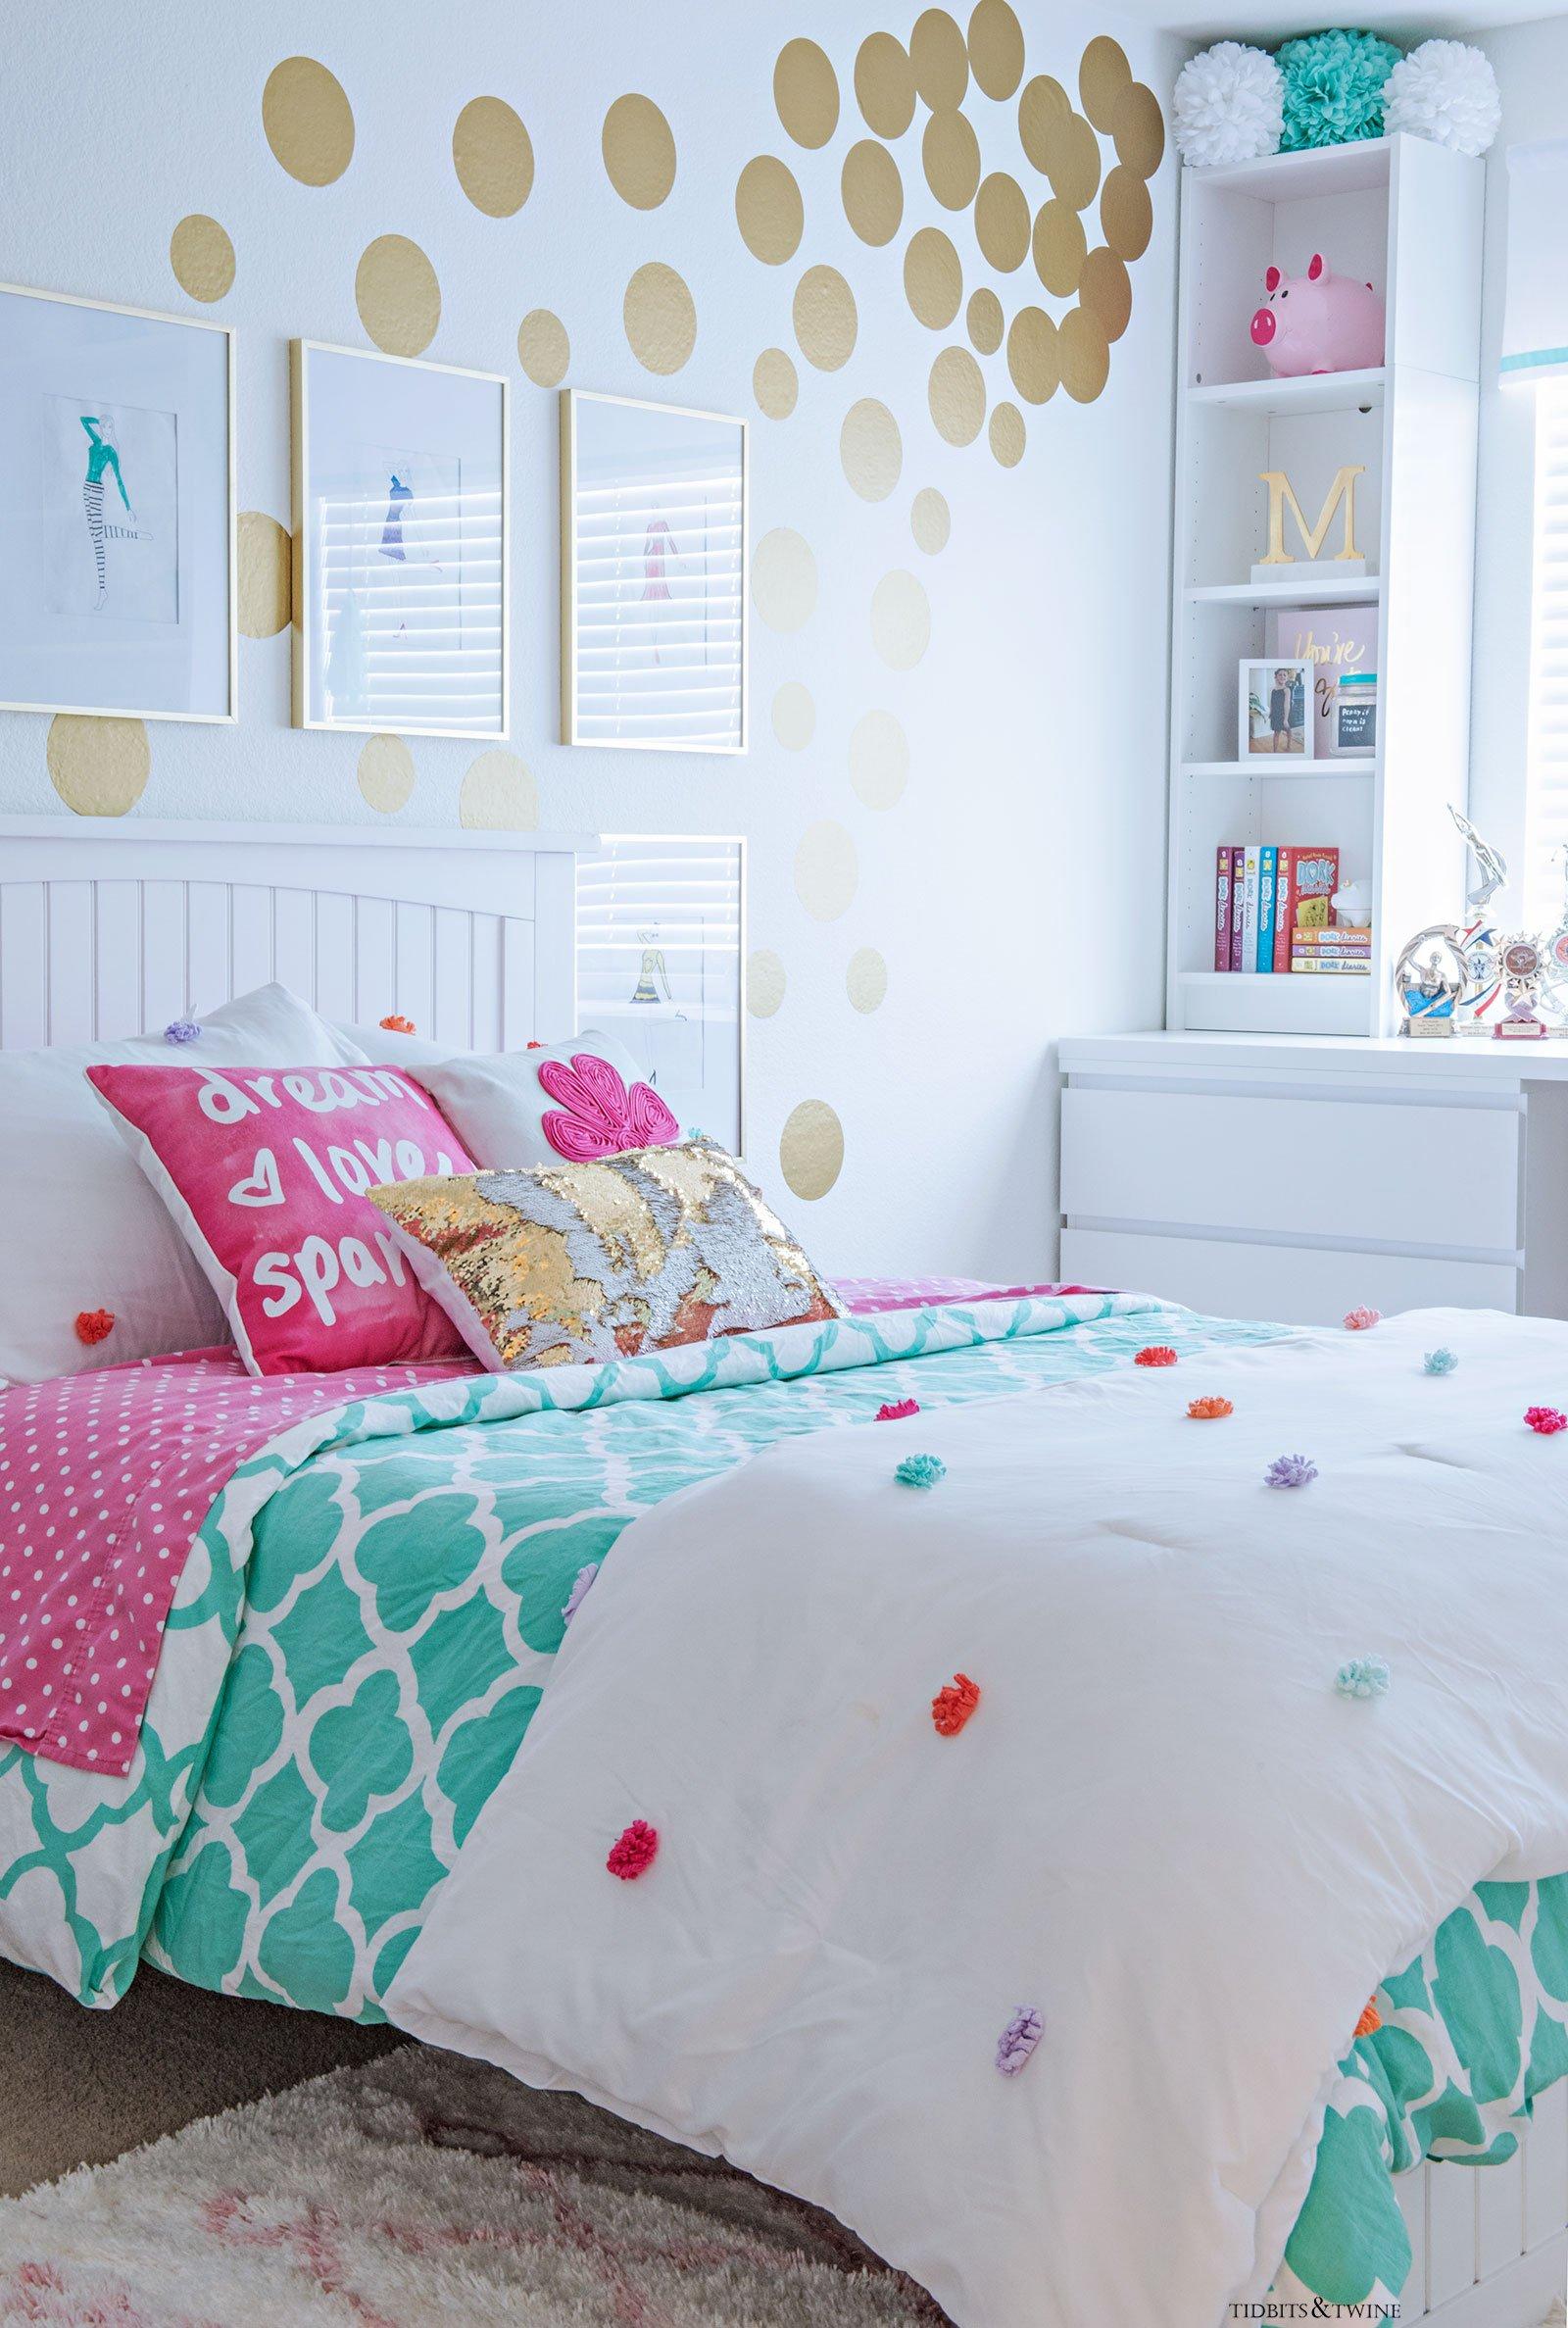 Tween Girl's Bedroom Makeover - REVEAL - TIDBITS&TWINE on Tween Room Ideas Girl  id=21939